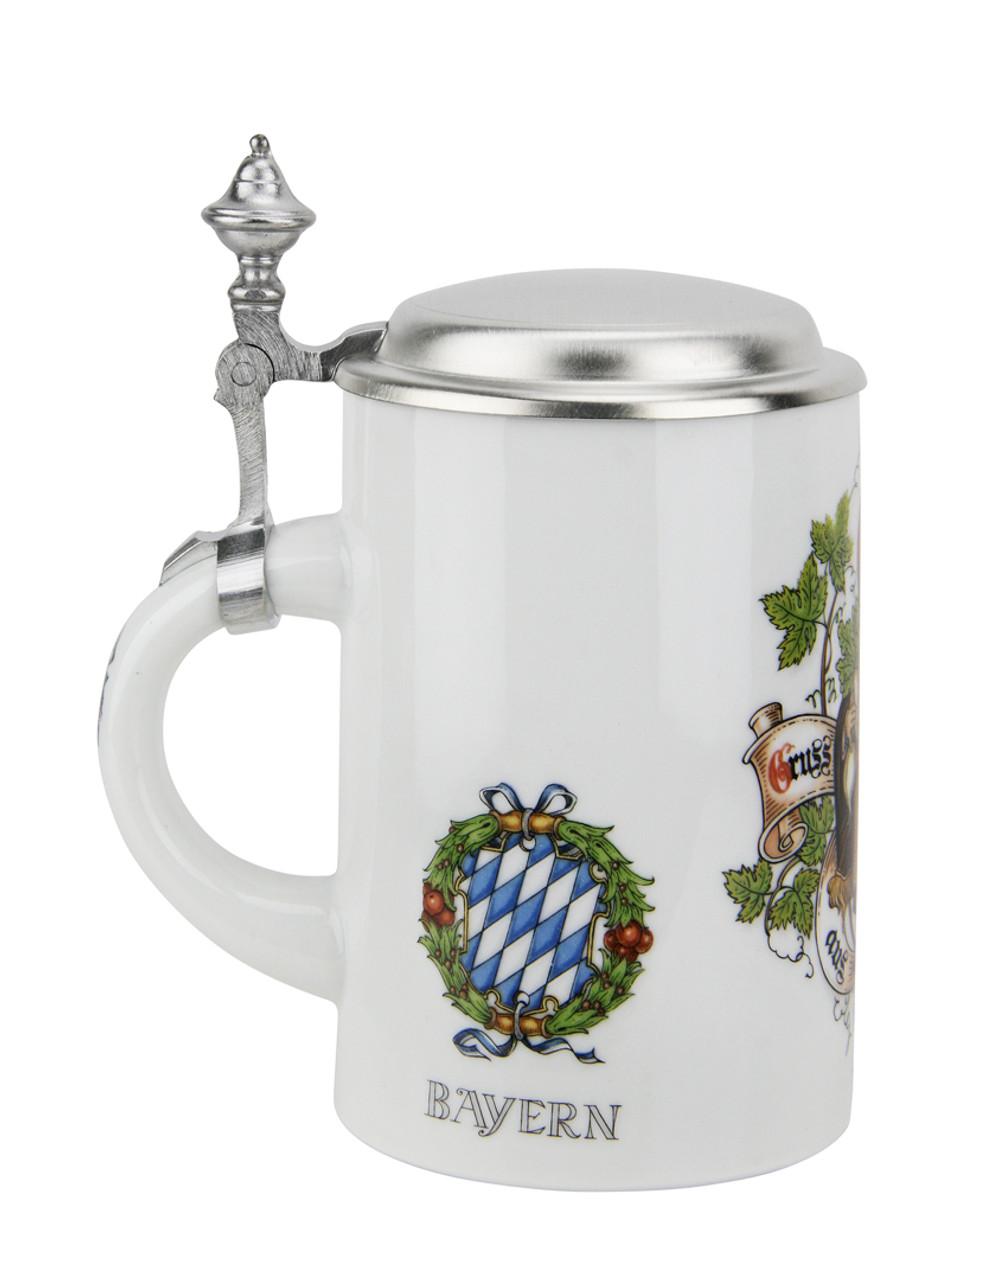 Porcelain German Beer Stein with Pewter Lid